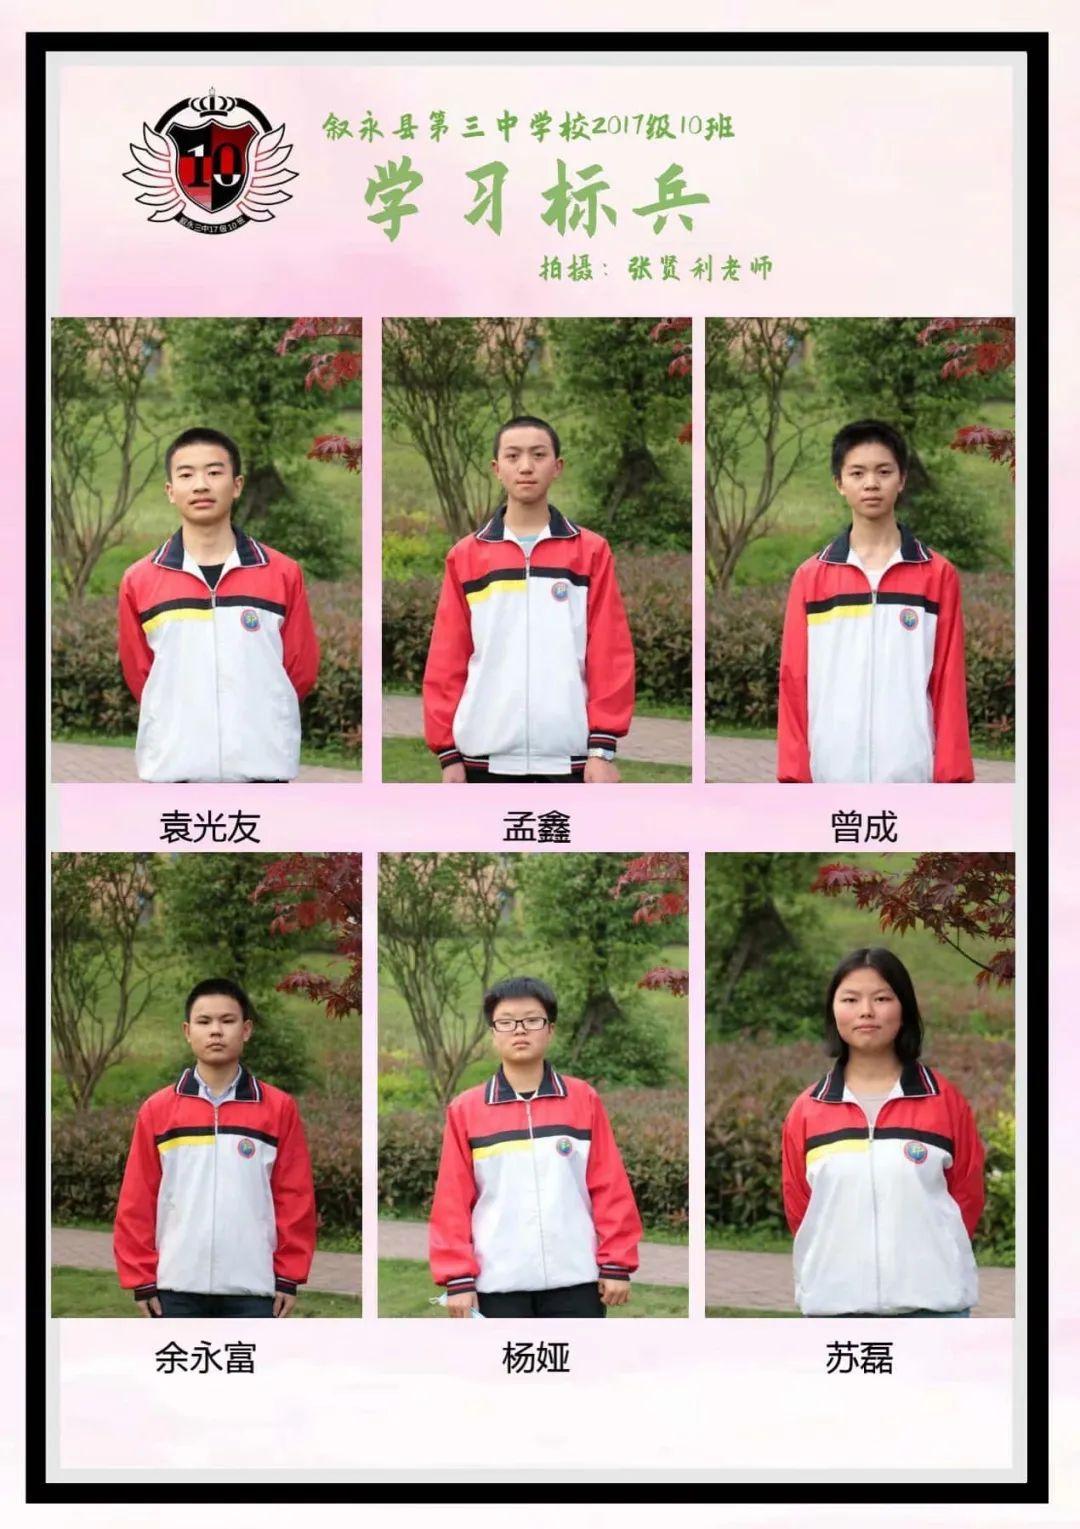 再见,云涛之家—叙永三中17级10班毕业纪念 叙永三中 第18张